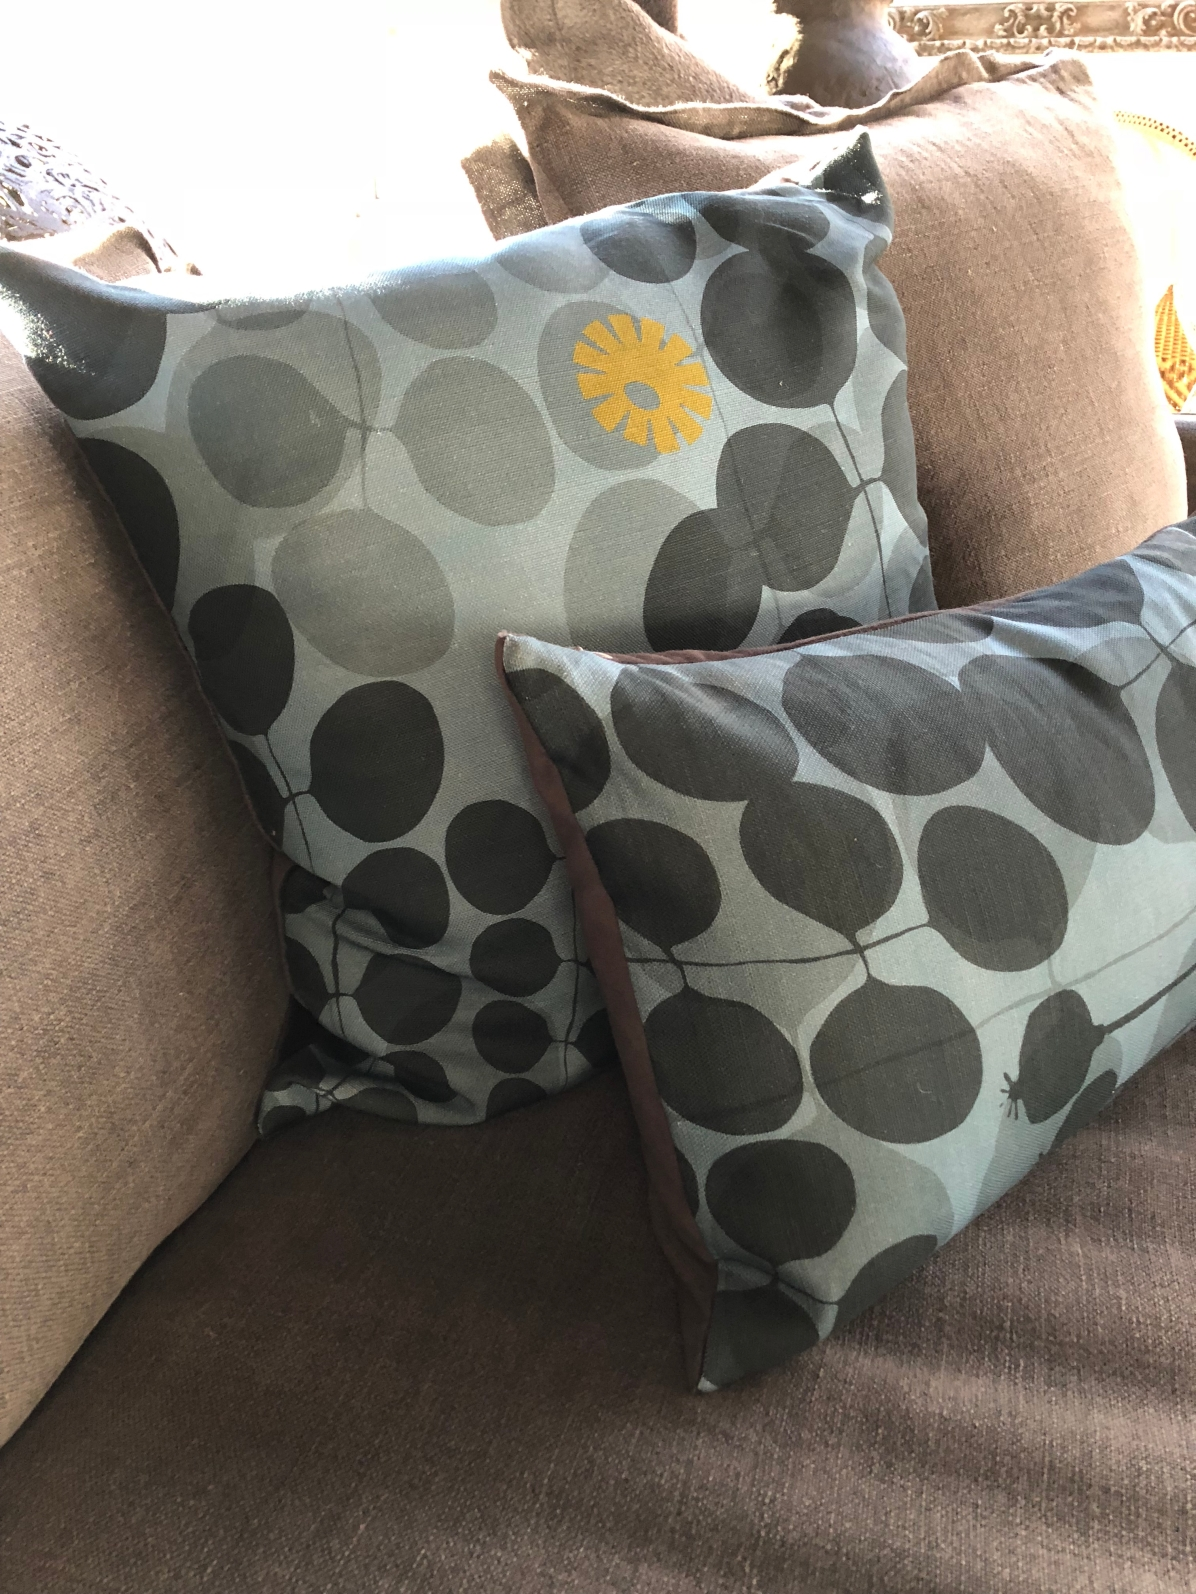 tx-poppy+dandy pillow 2@artefacthome